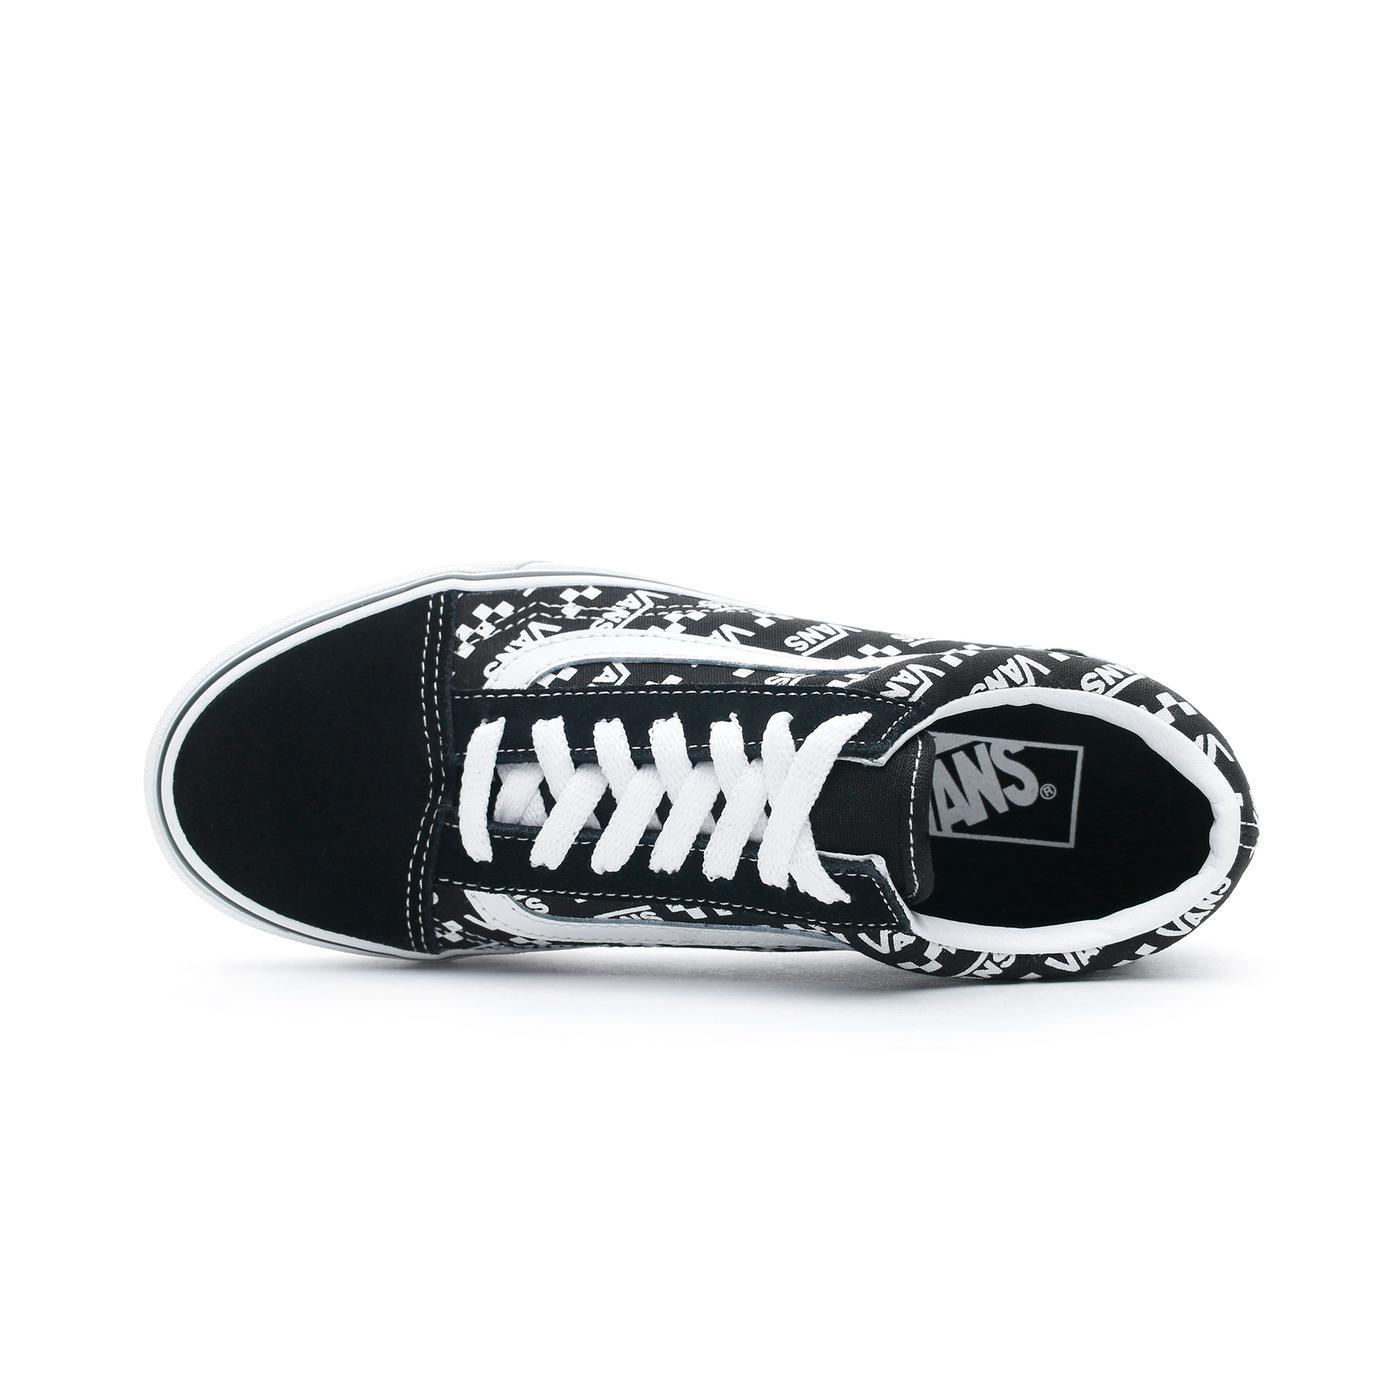 Vans Old Skool Kadın Siyah Sneaker